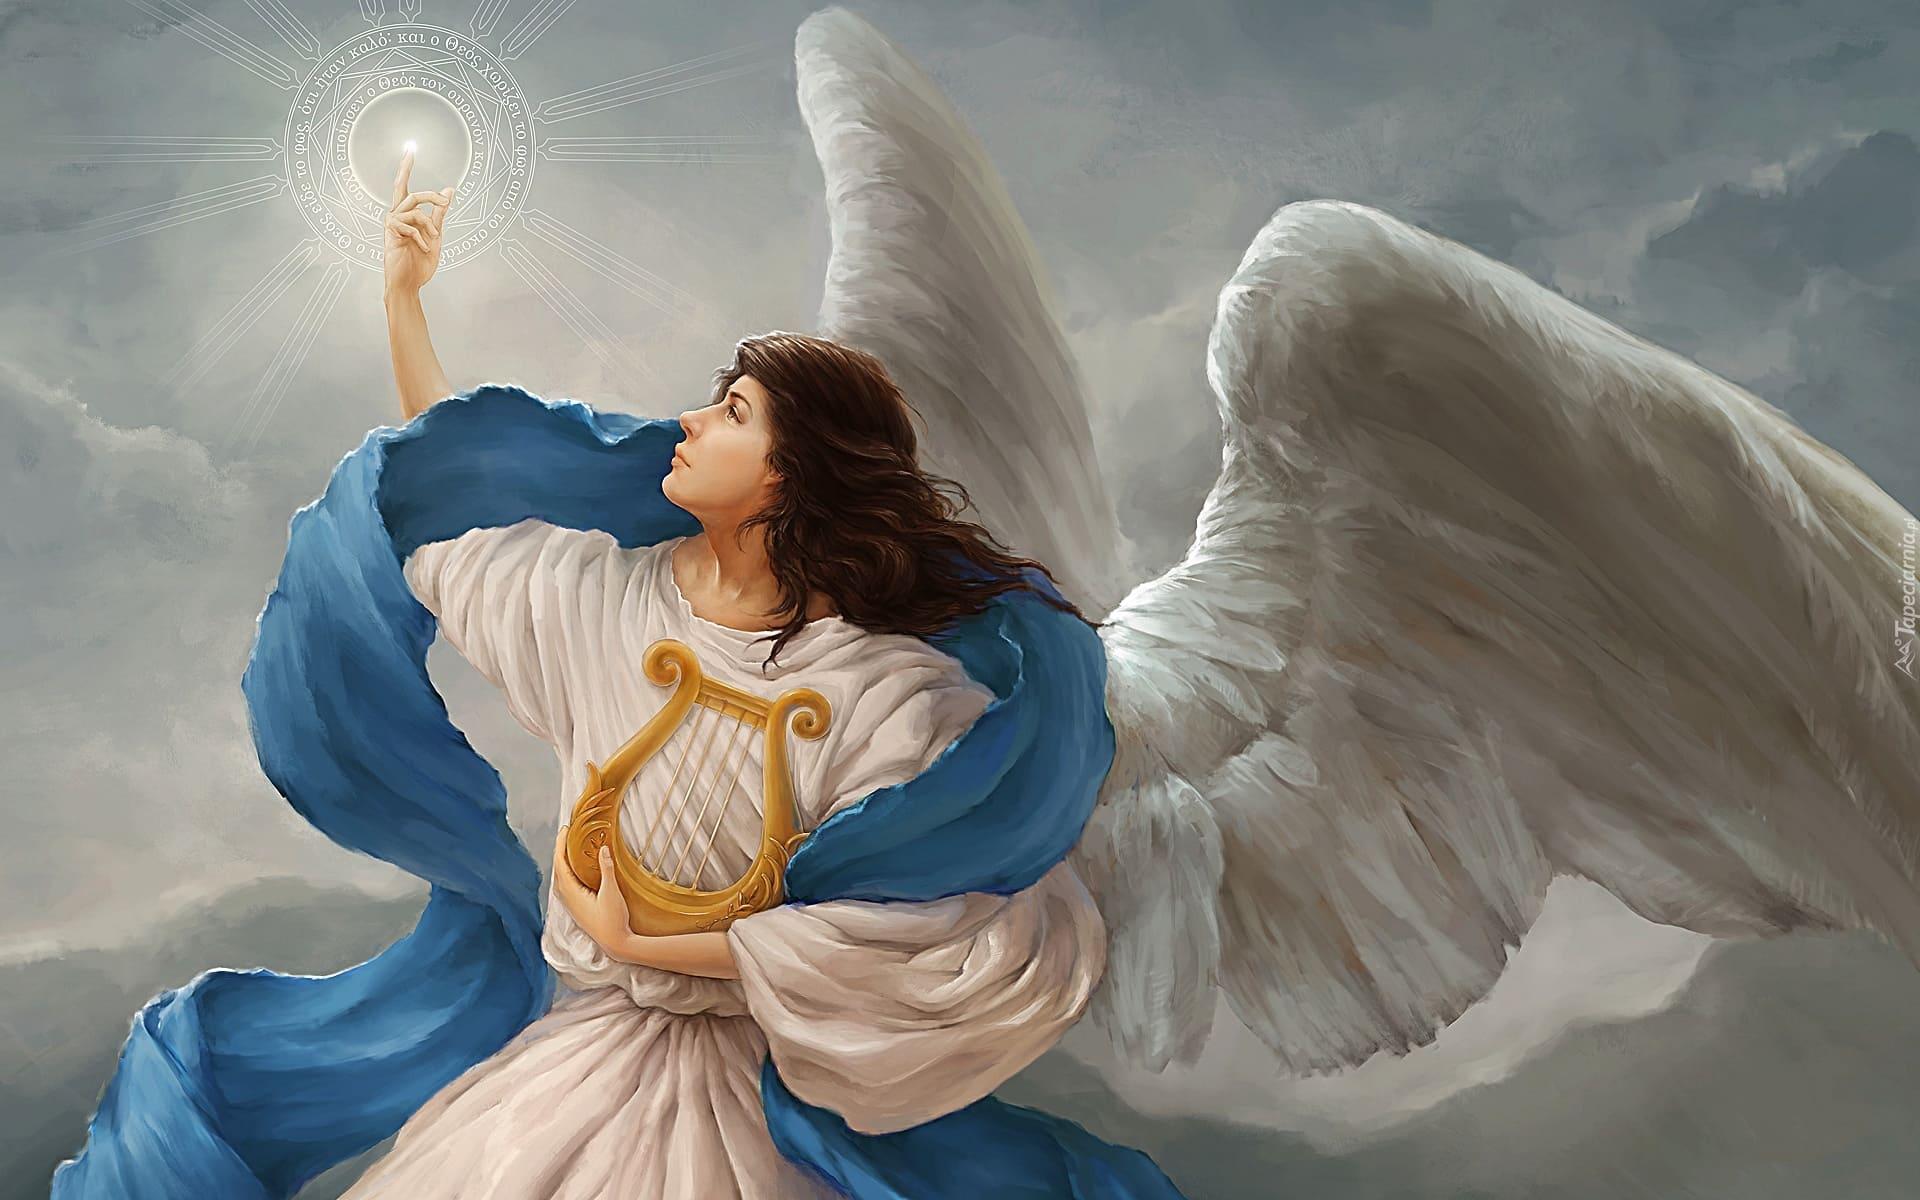 картинки ангельский хорошем качестве эффект мраморного покрытия